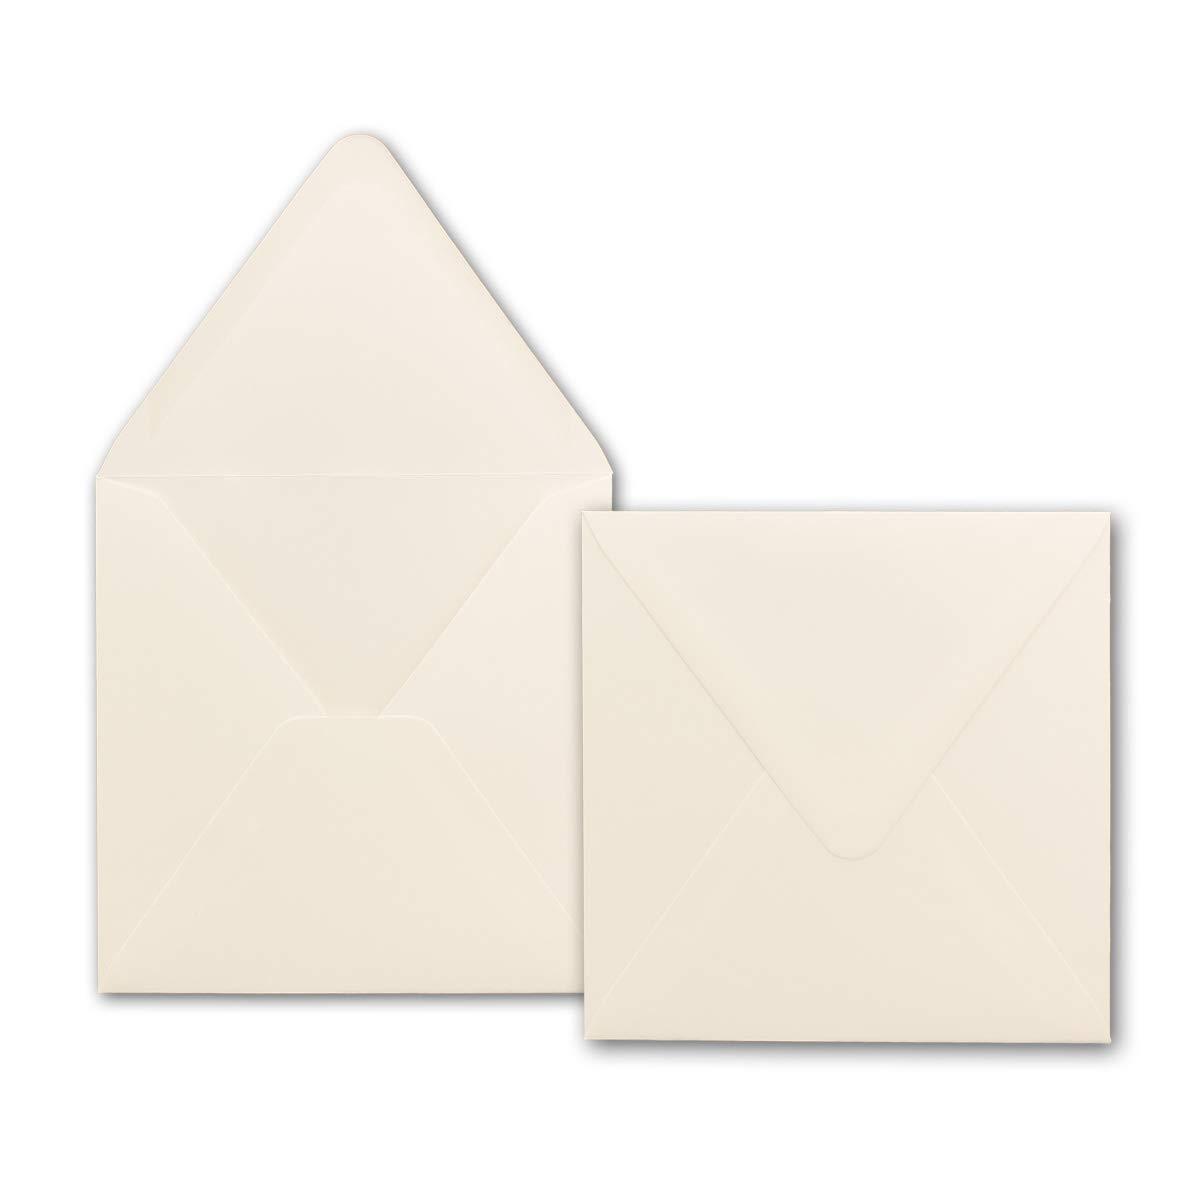 400x quadratische Brief-Umschläge 150 x 150 mm - Creme-Weiß - 120 g m²   Für ganz besondere Anlässe  - Nassklebung - Qualitätsmarke  GUSTAV NEUSER B076CM2LLS   Bevorzugtes Material    Starke Hitze- und Hitzebeständigkeit